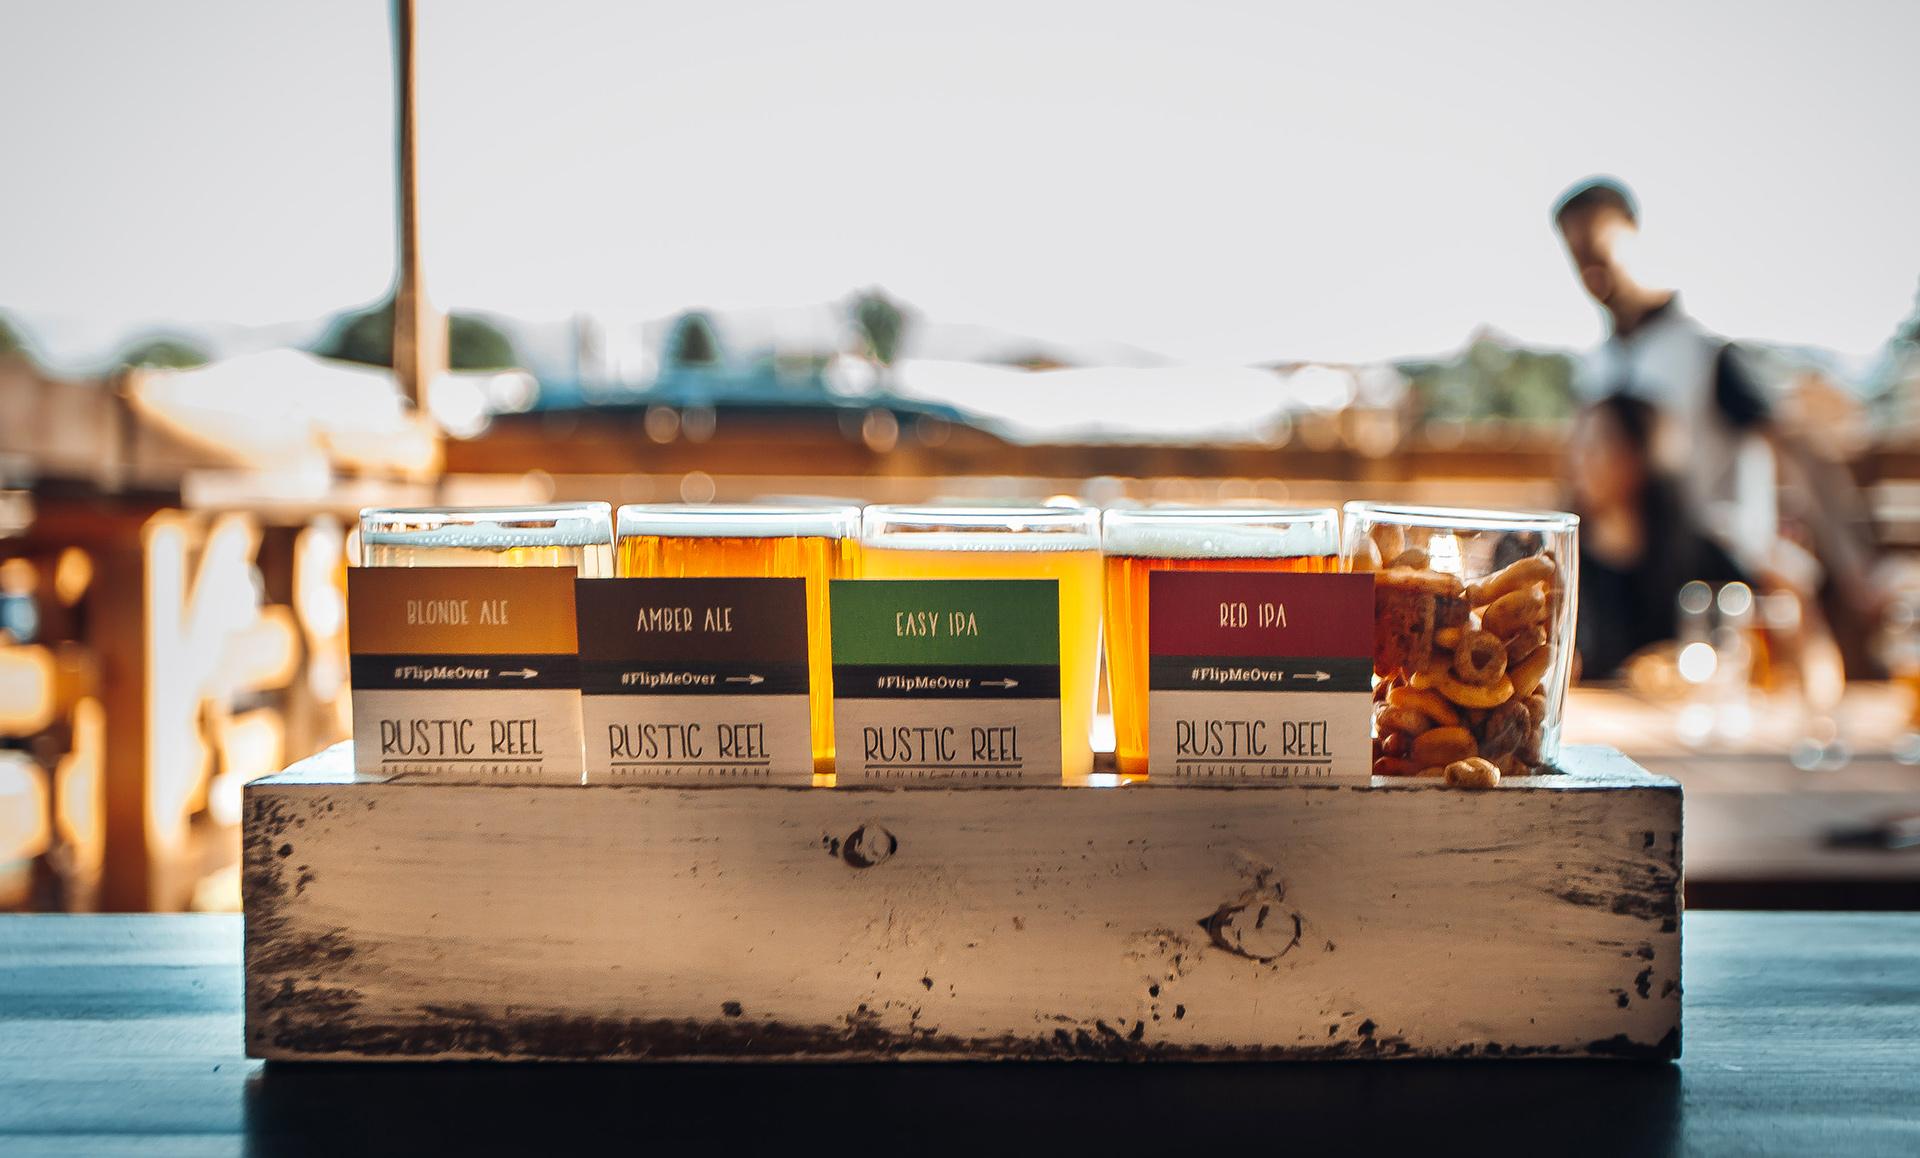 rustic reel brewery marketing beer samples